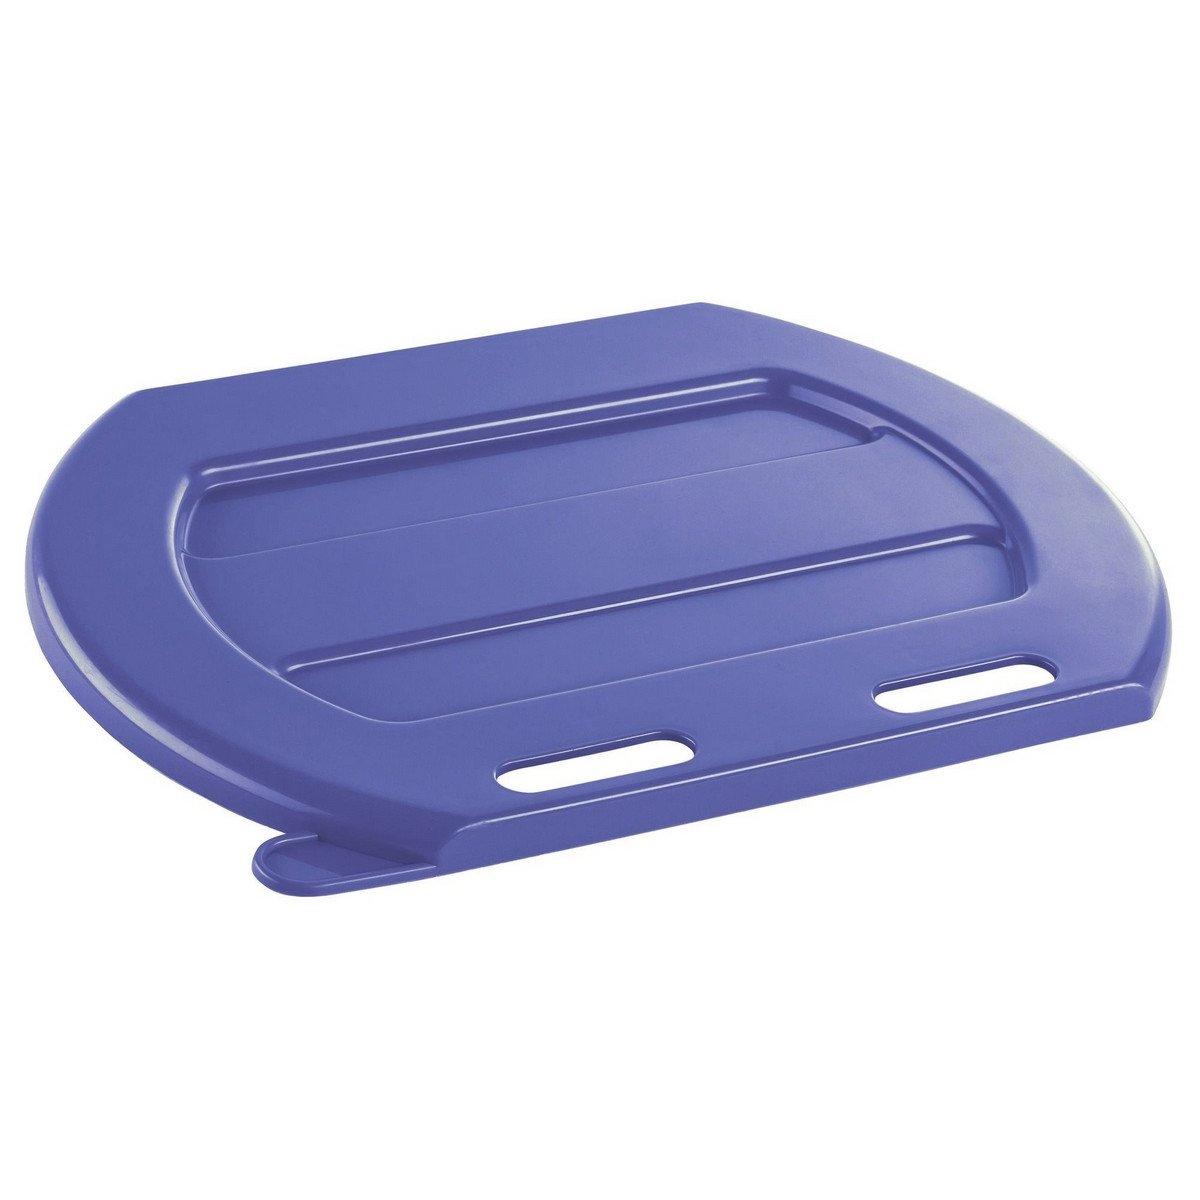 Abbildung von Kerbl Kunststofftränkebecken Blau